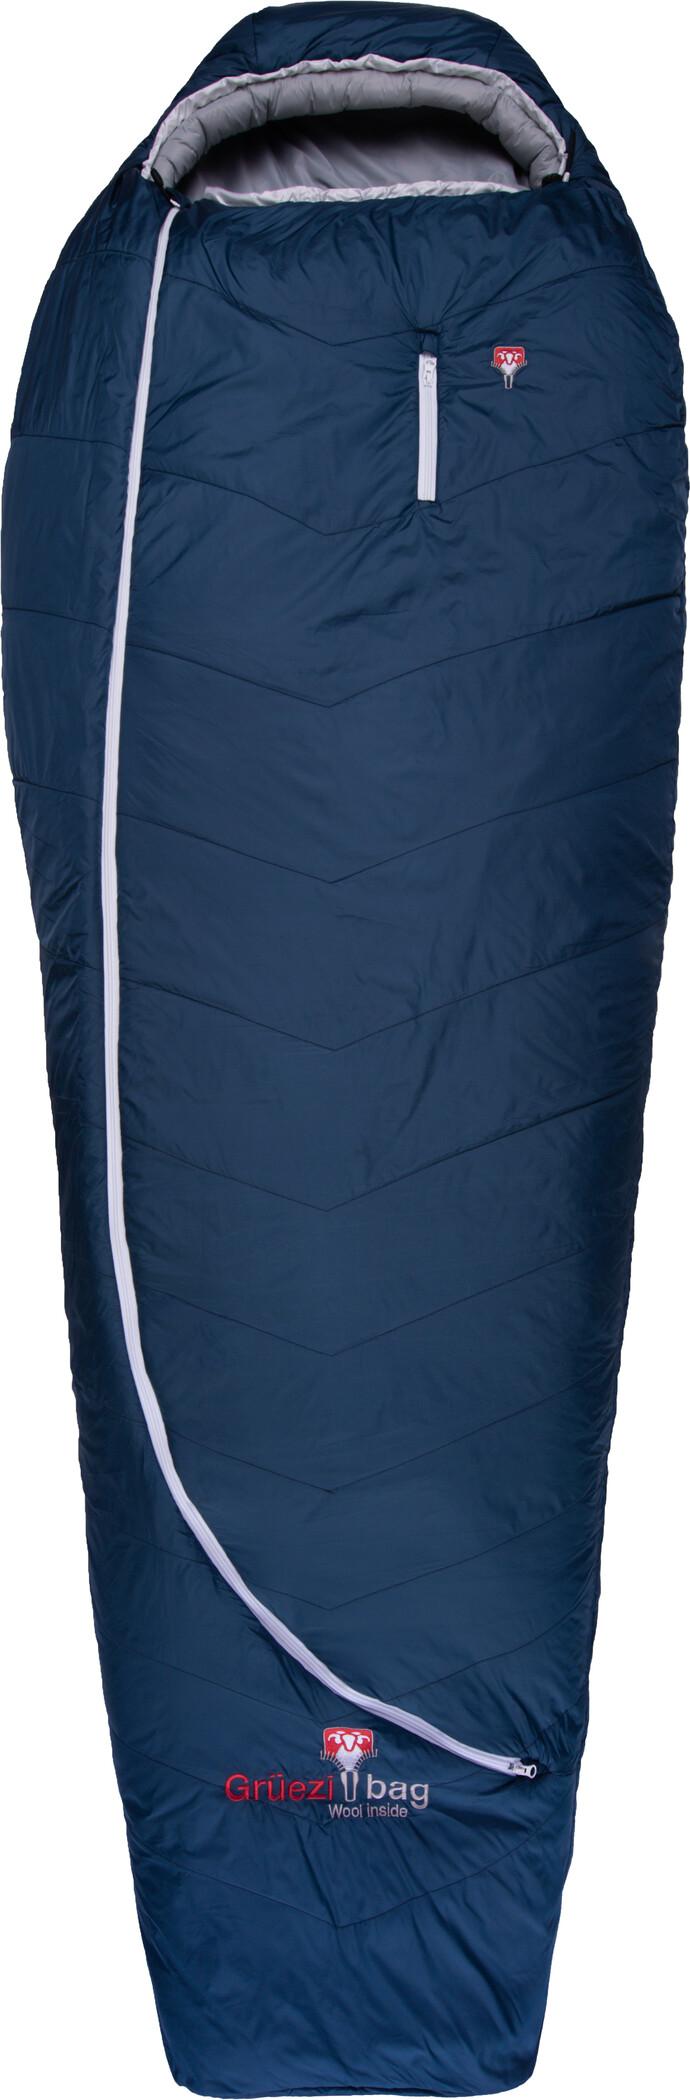 Grüezi-Bag Biopod Wool Zero Sovepose Regulær, night blue | Transport og opbevaring > Tilbehør